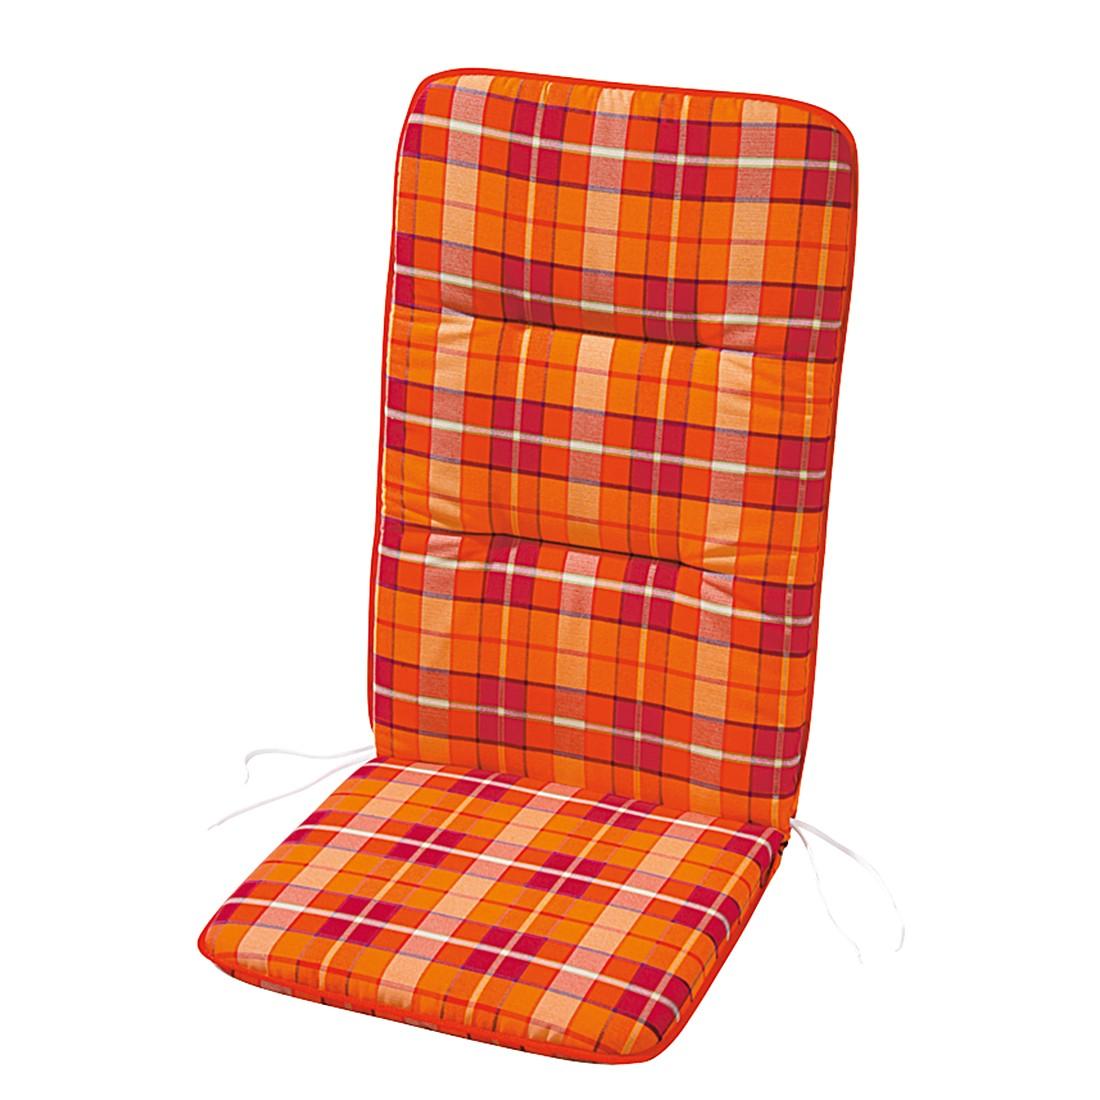 Polsterauflage Evelyn – Rot/Orange kariert – Relax-Hochlehner – 175 x 50 cm, Best Freizeitmöbel bestellen